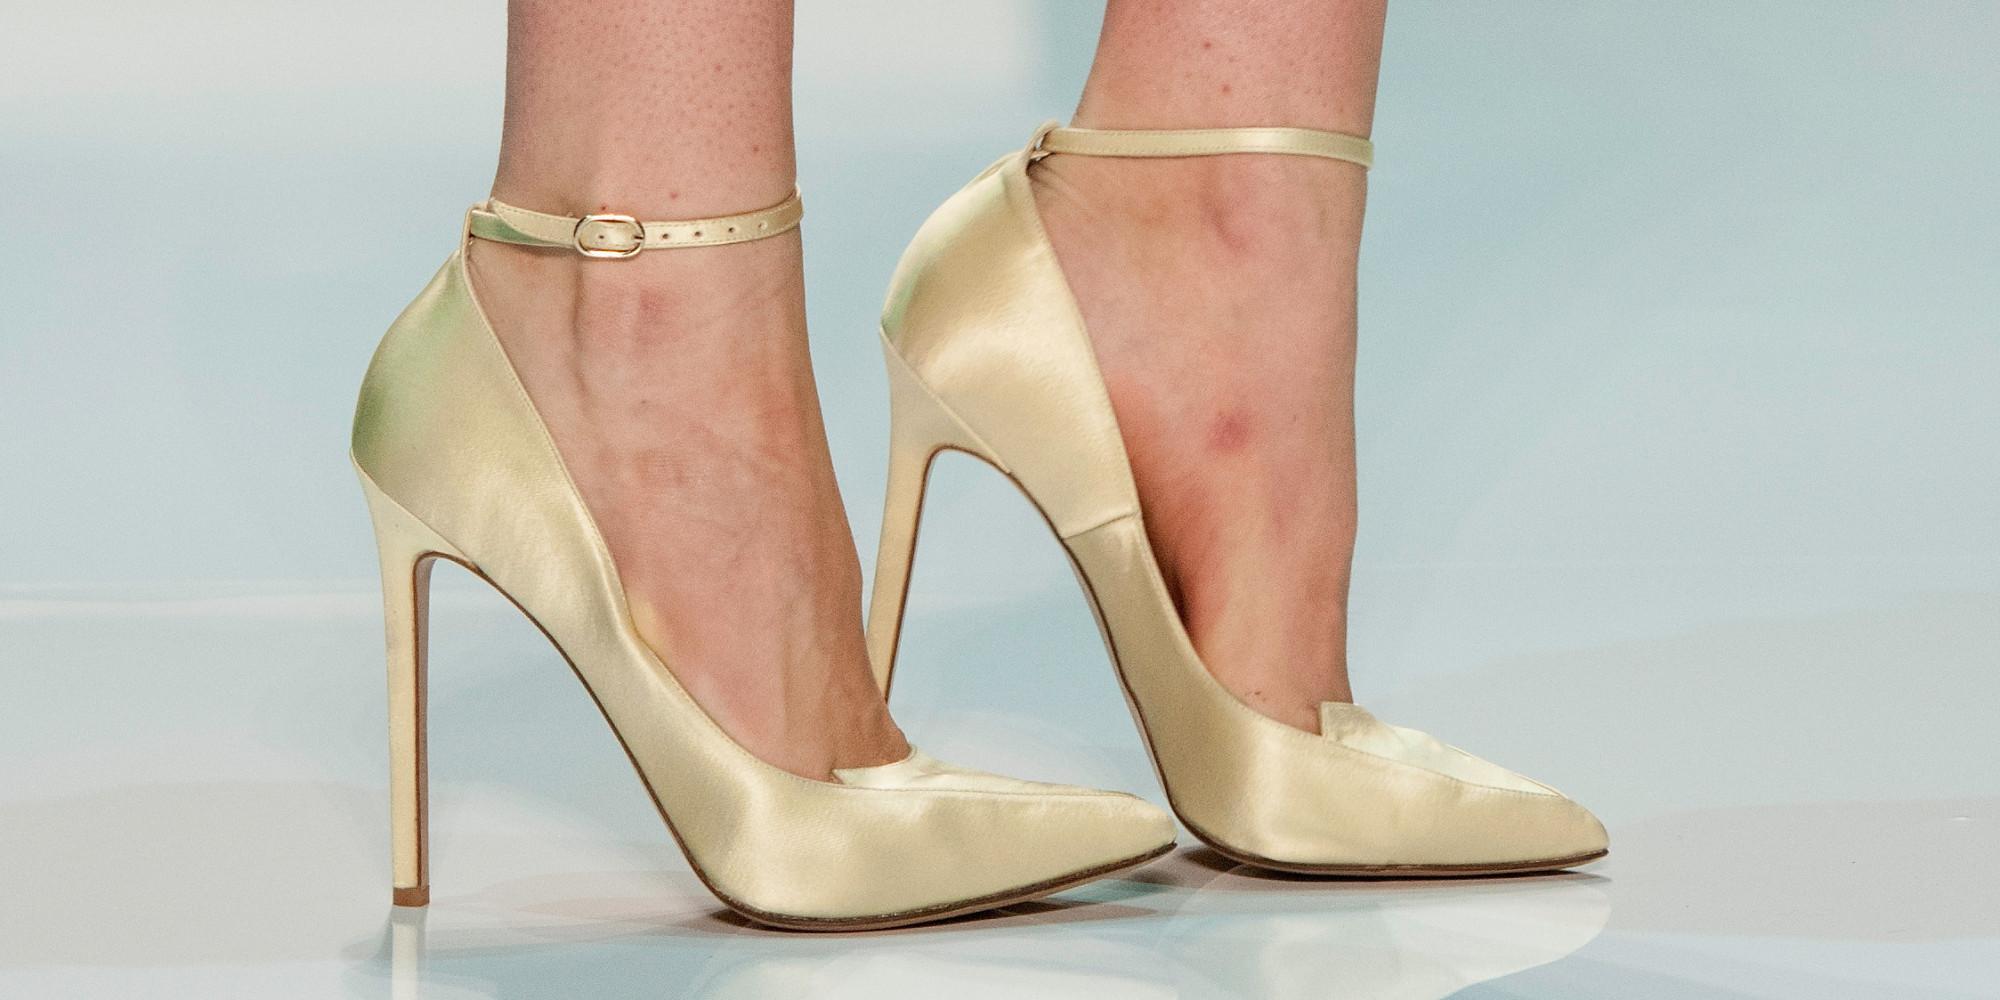 comforter heels boutique comfortable img online avheels shoe stilettos heel high red classic most products pumps